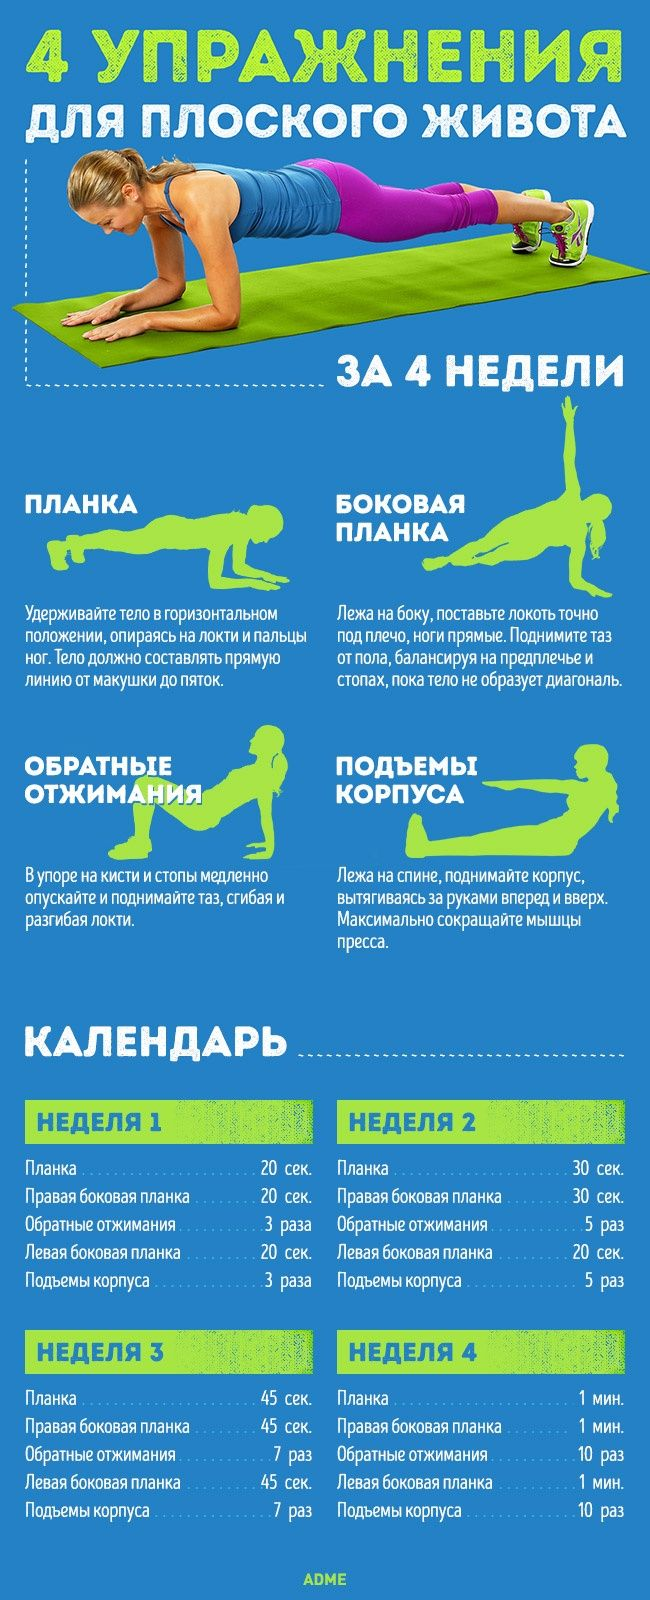 Как убрать живот и бока в домашних условиях за короткий срок упражнениями